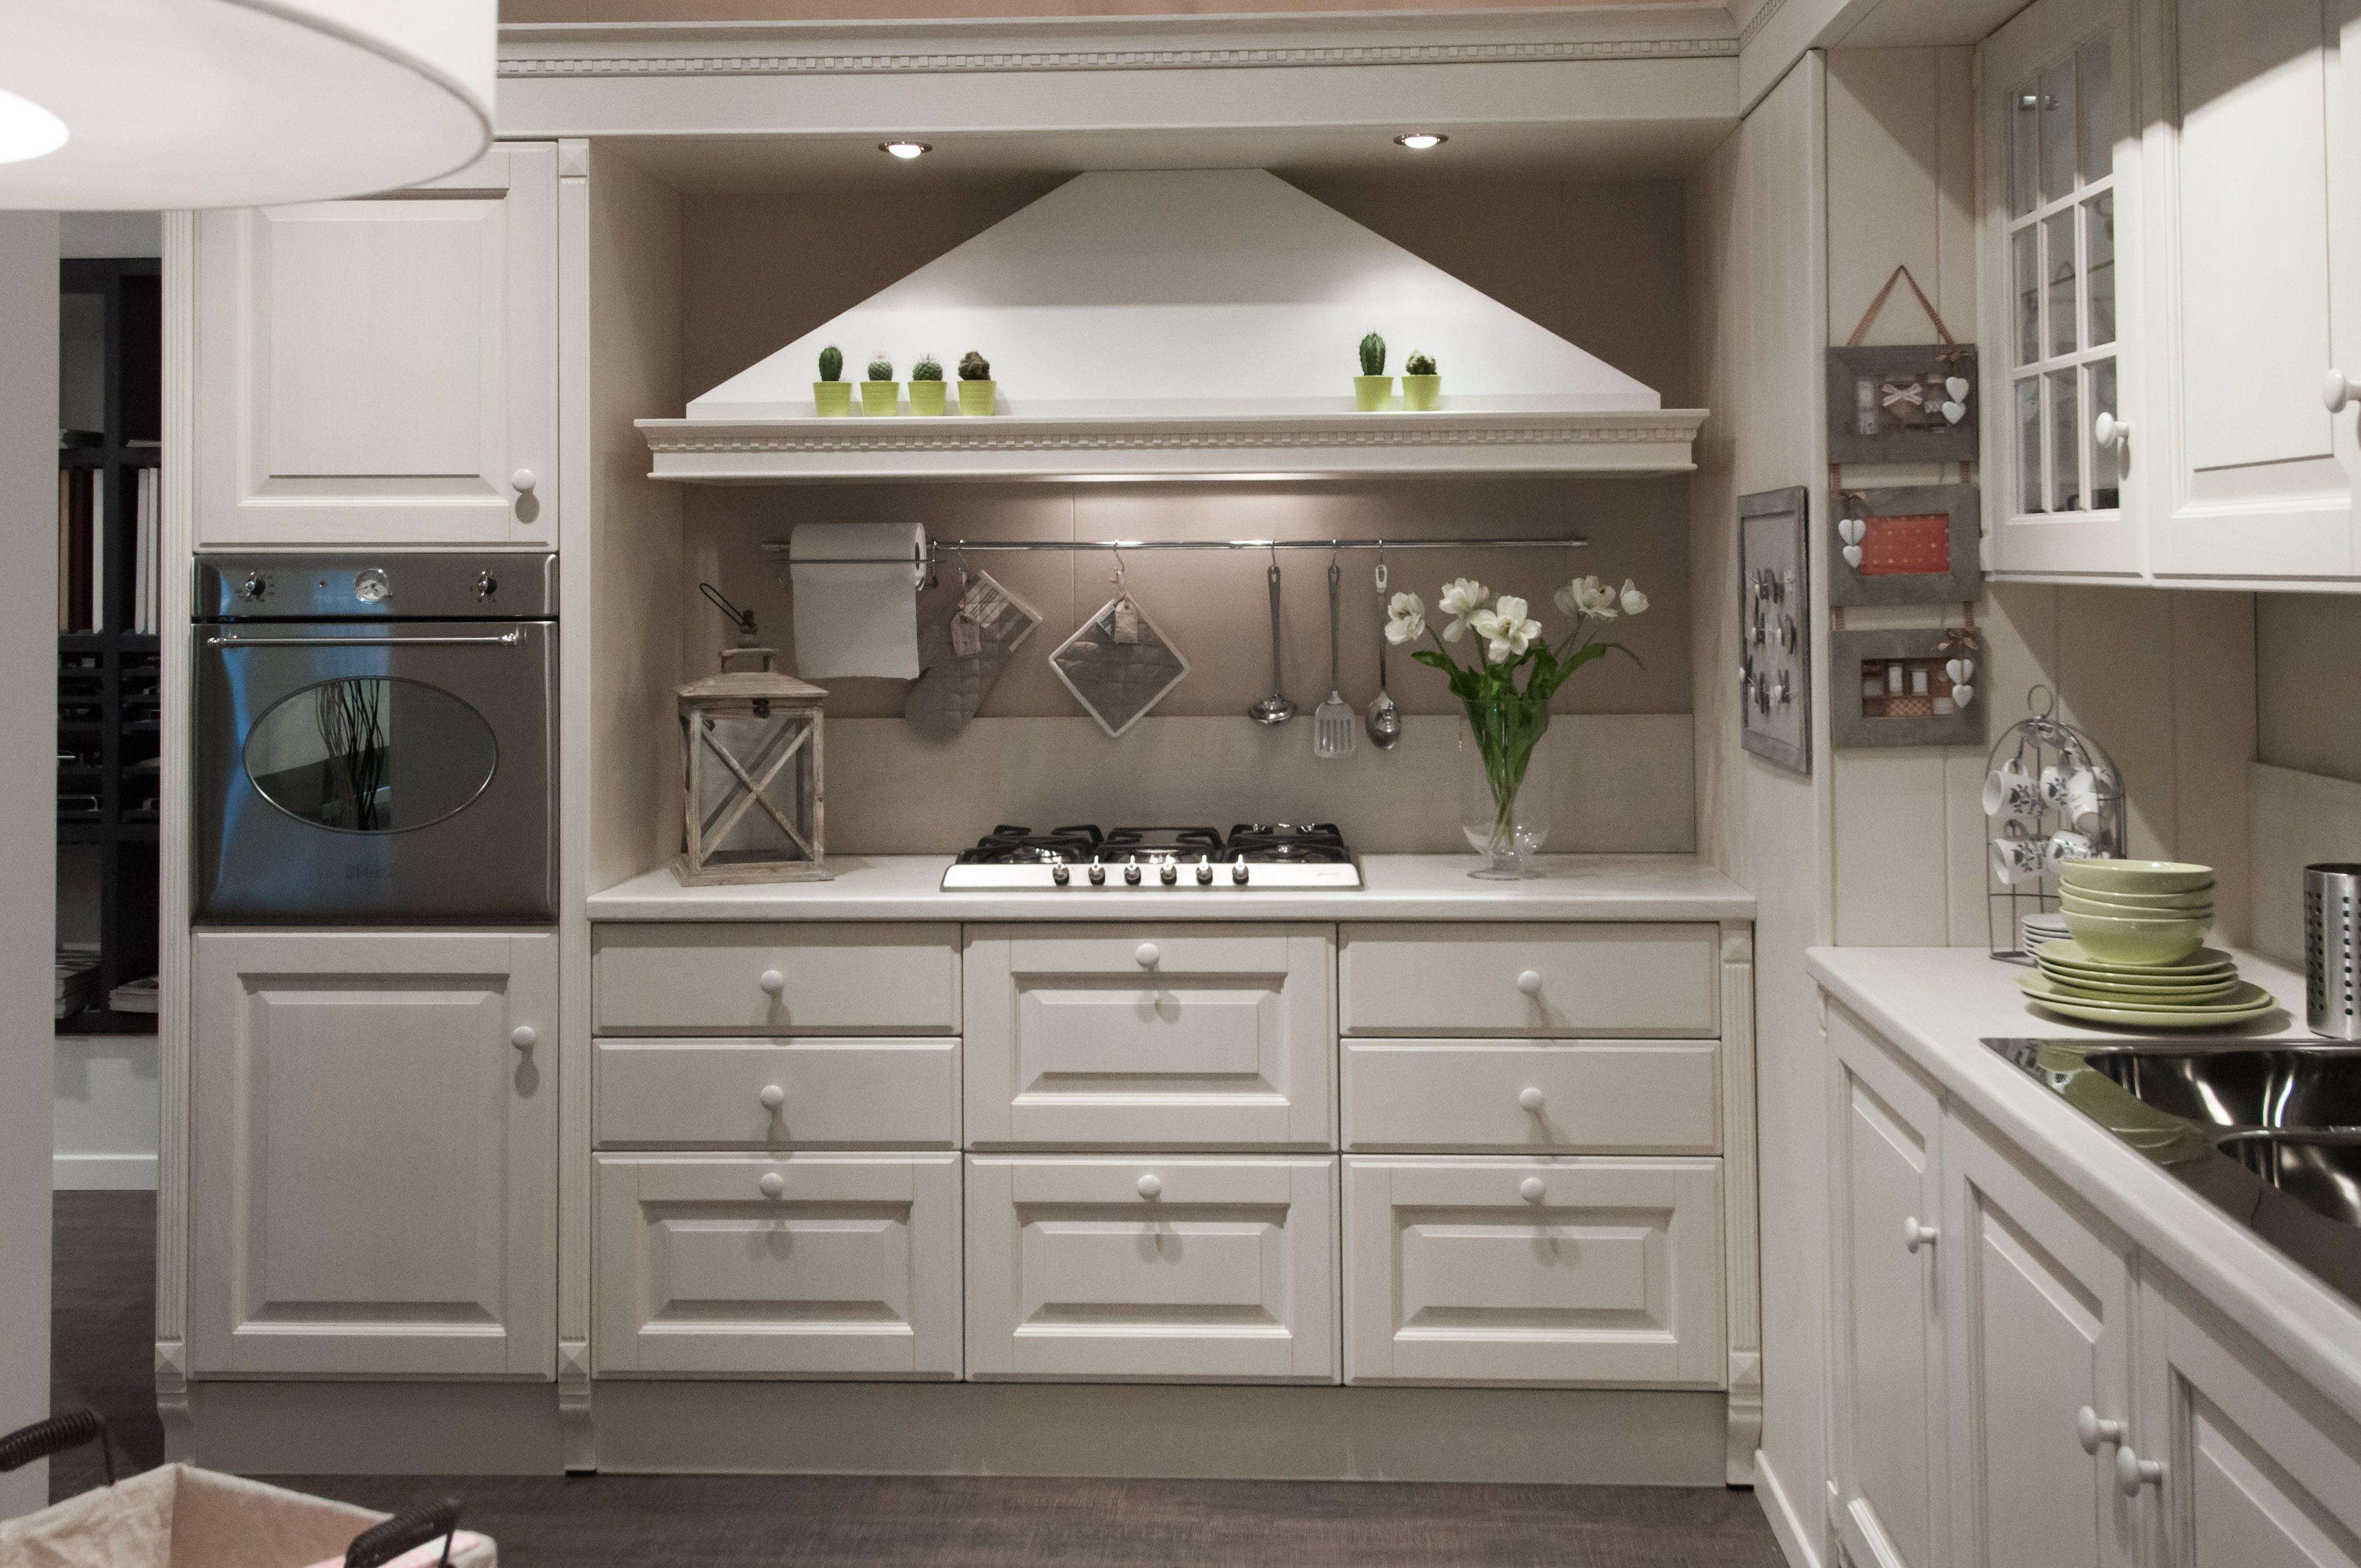 Cucine classiche scavolini in mostra nello showroom di portici cucine da vivere pinterest - Cucine classiche scavolini ...